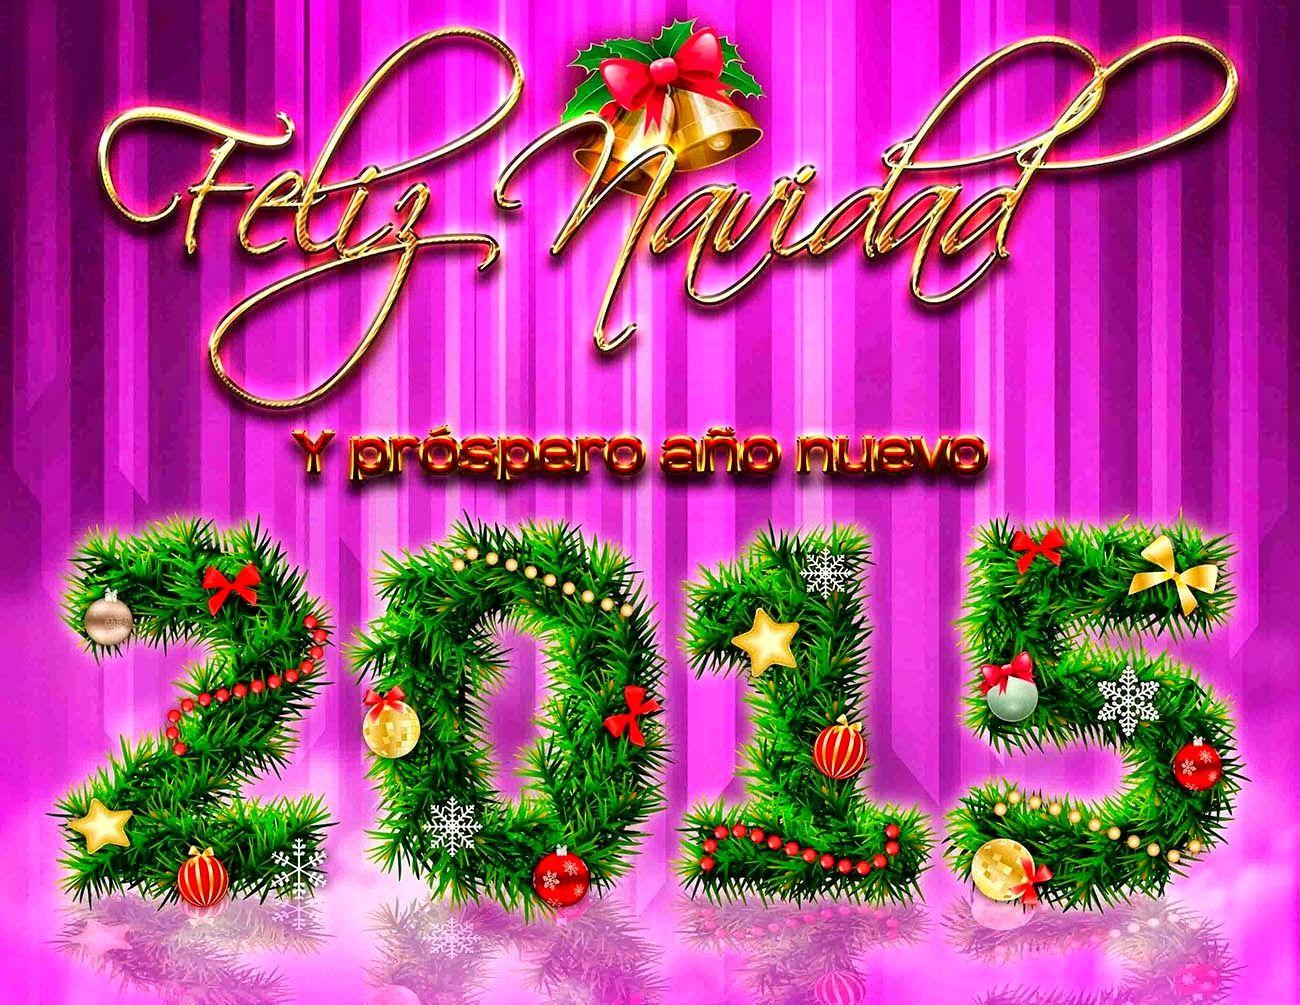 Feliz a o frases de fin de a o y a o nuevo 2016 - Frases de felicitaciones de navidad ...